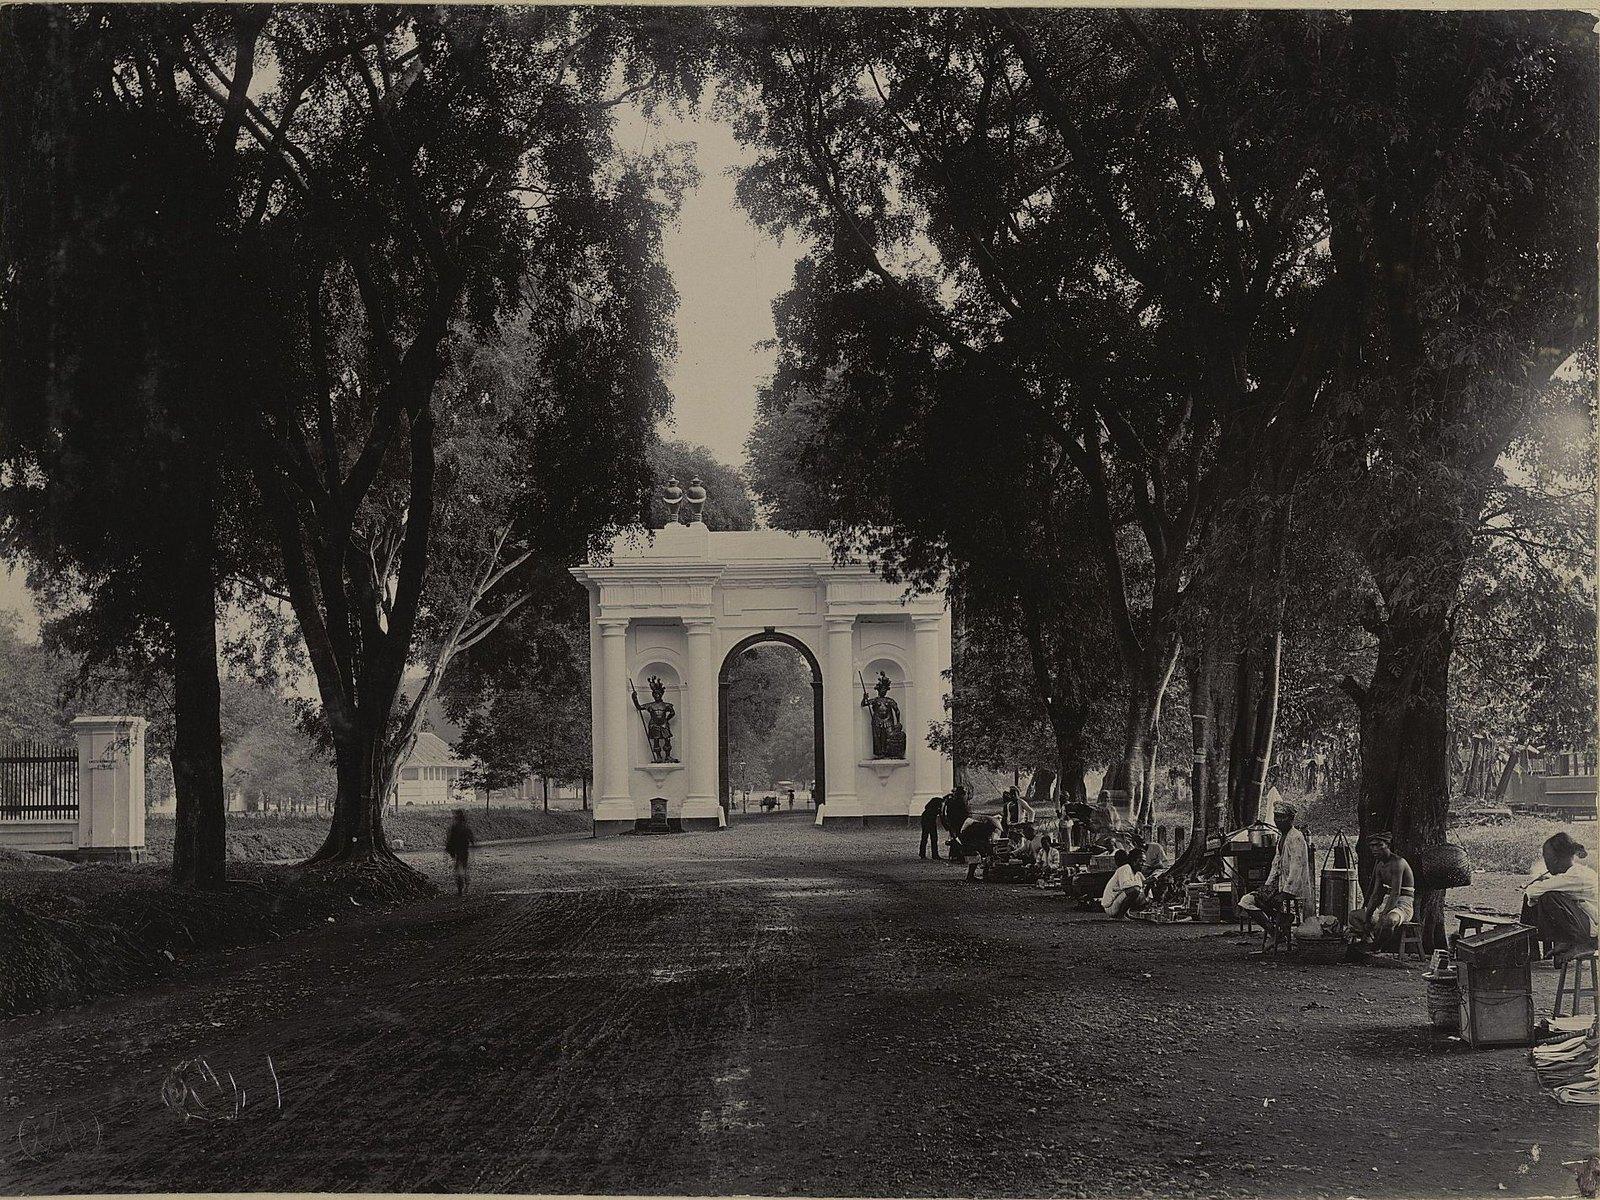 05. Индонезия. Батавия. Амстердамские ворота